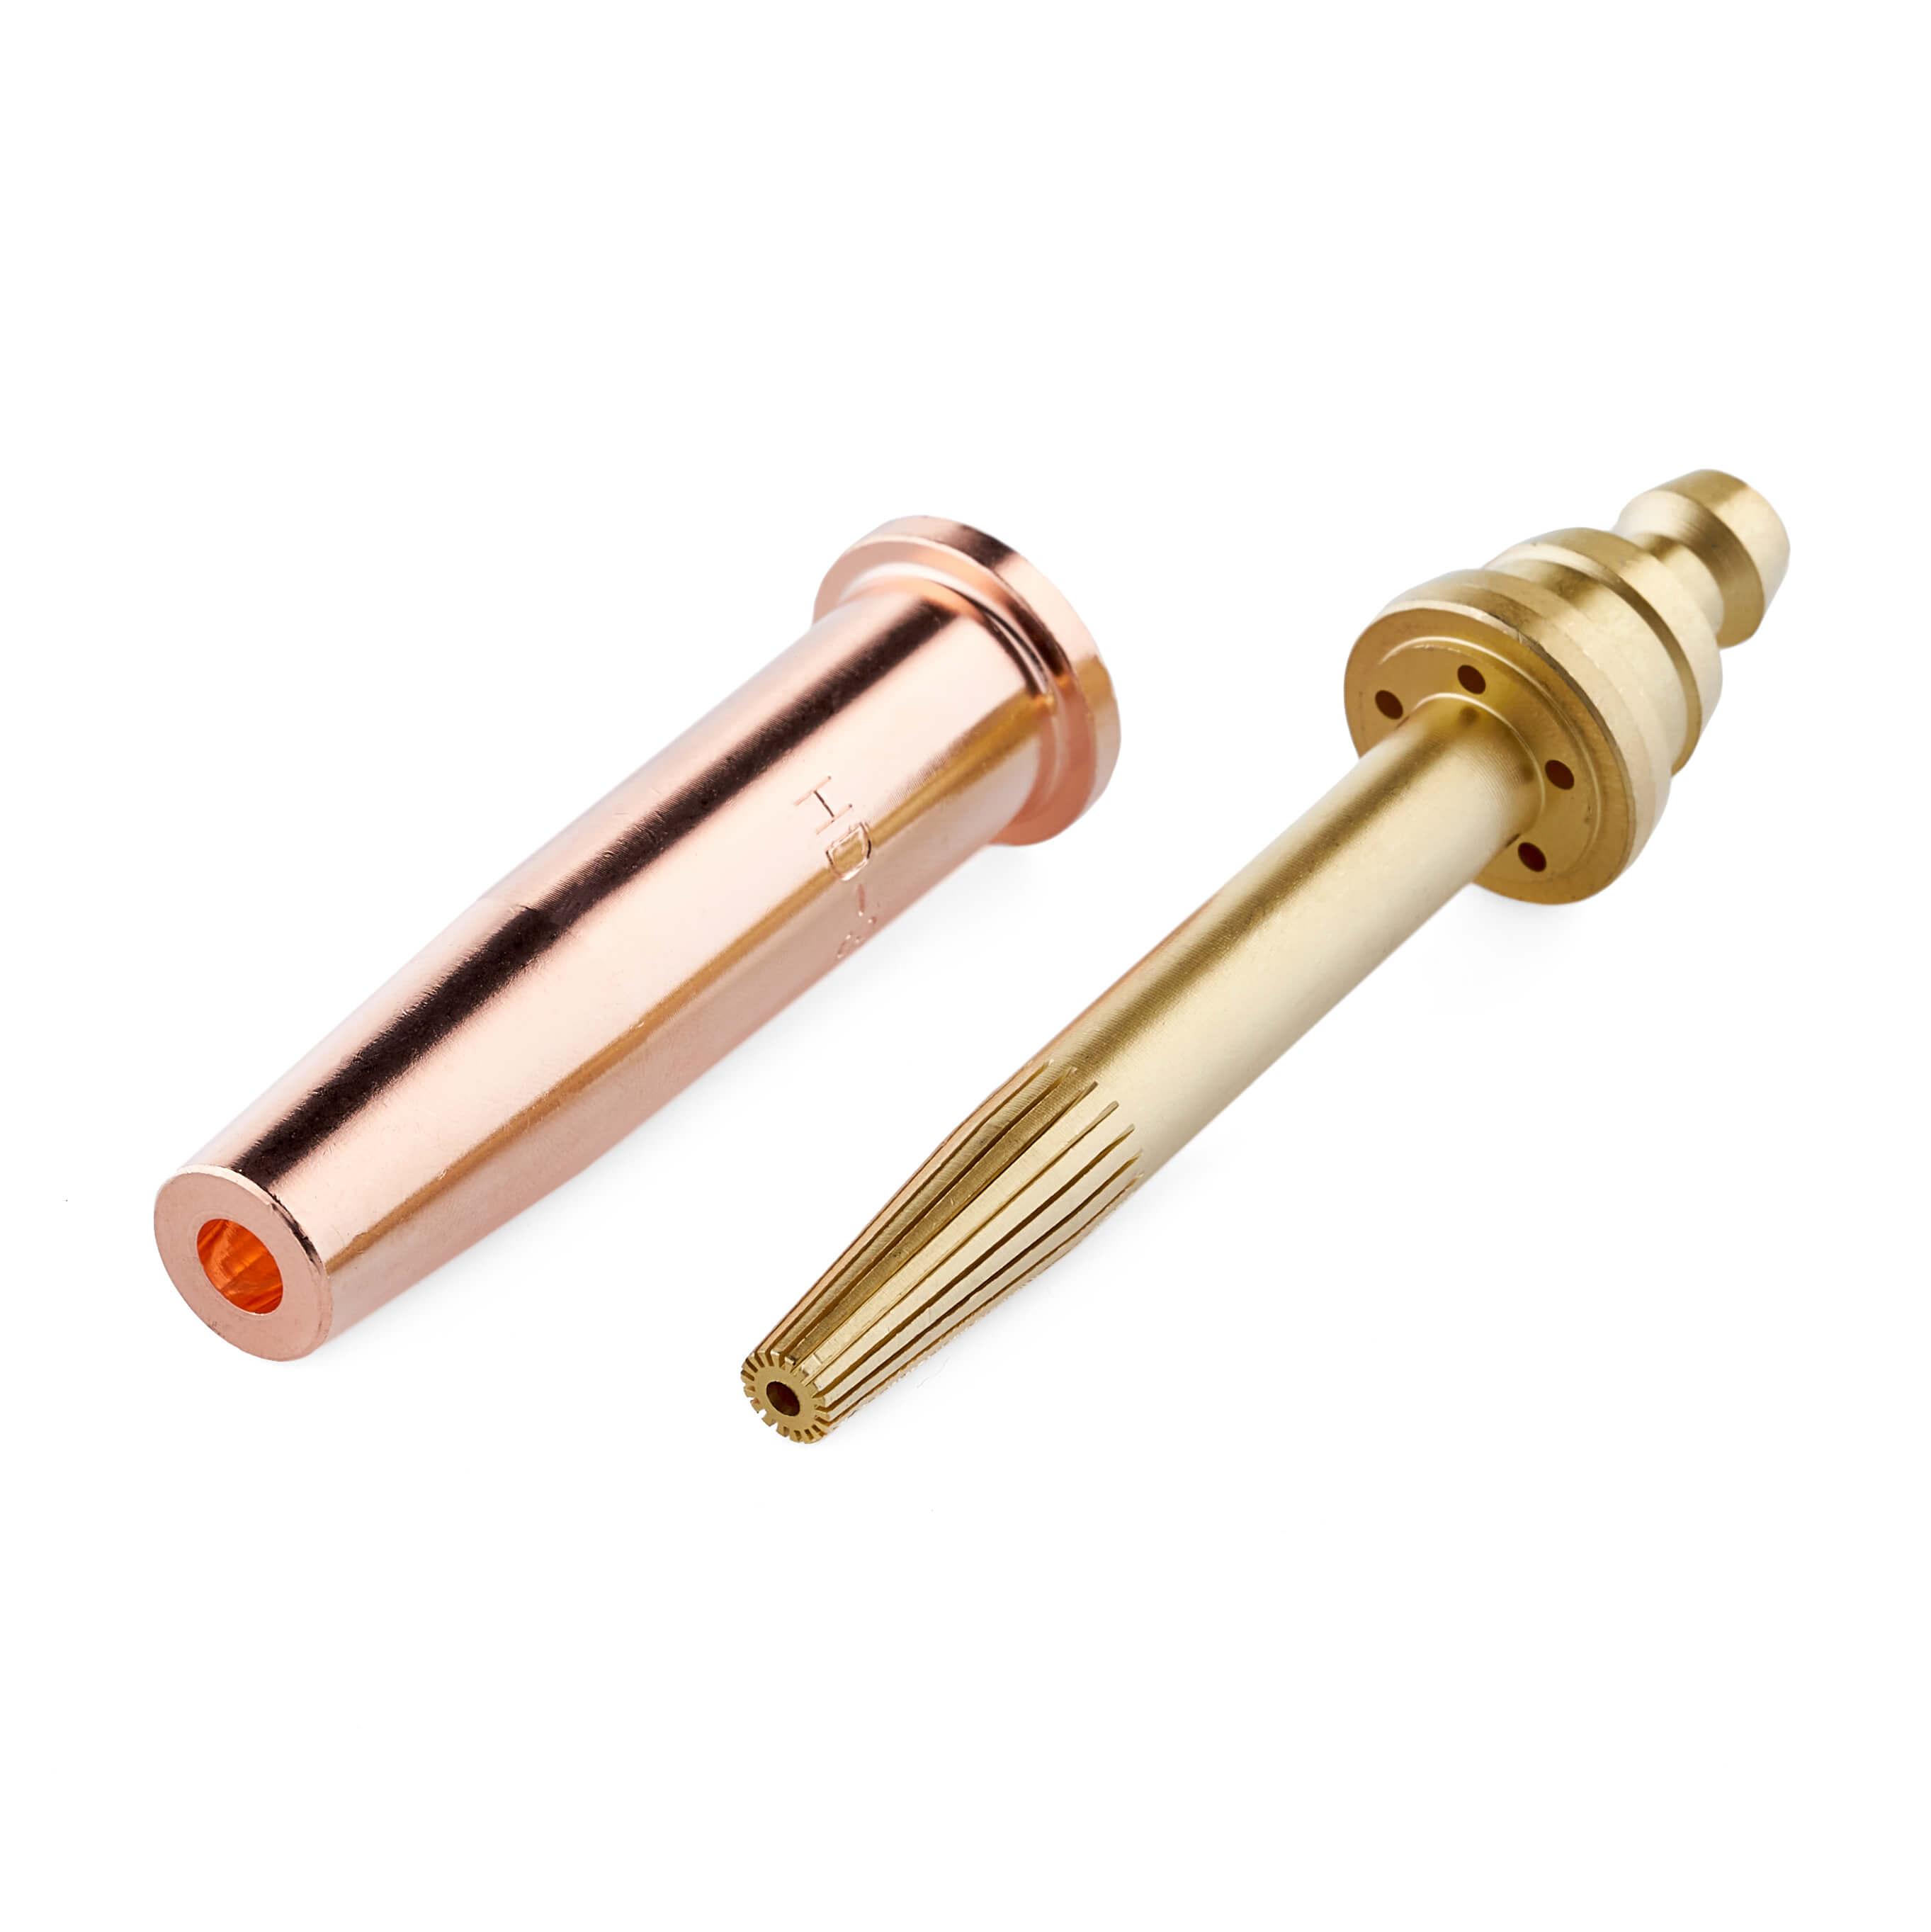 Мундштук пропановый HEAVY DUTY №3П (50–75 мм) к Р3-300, Р3-345